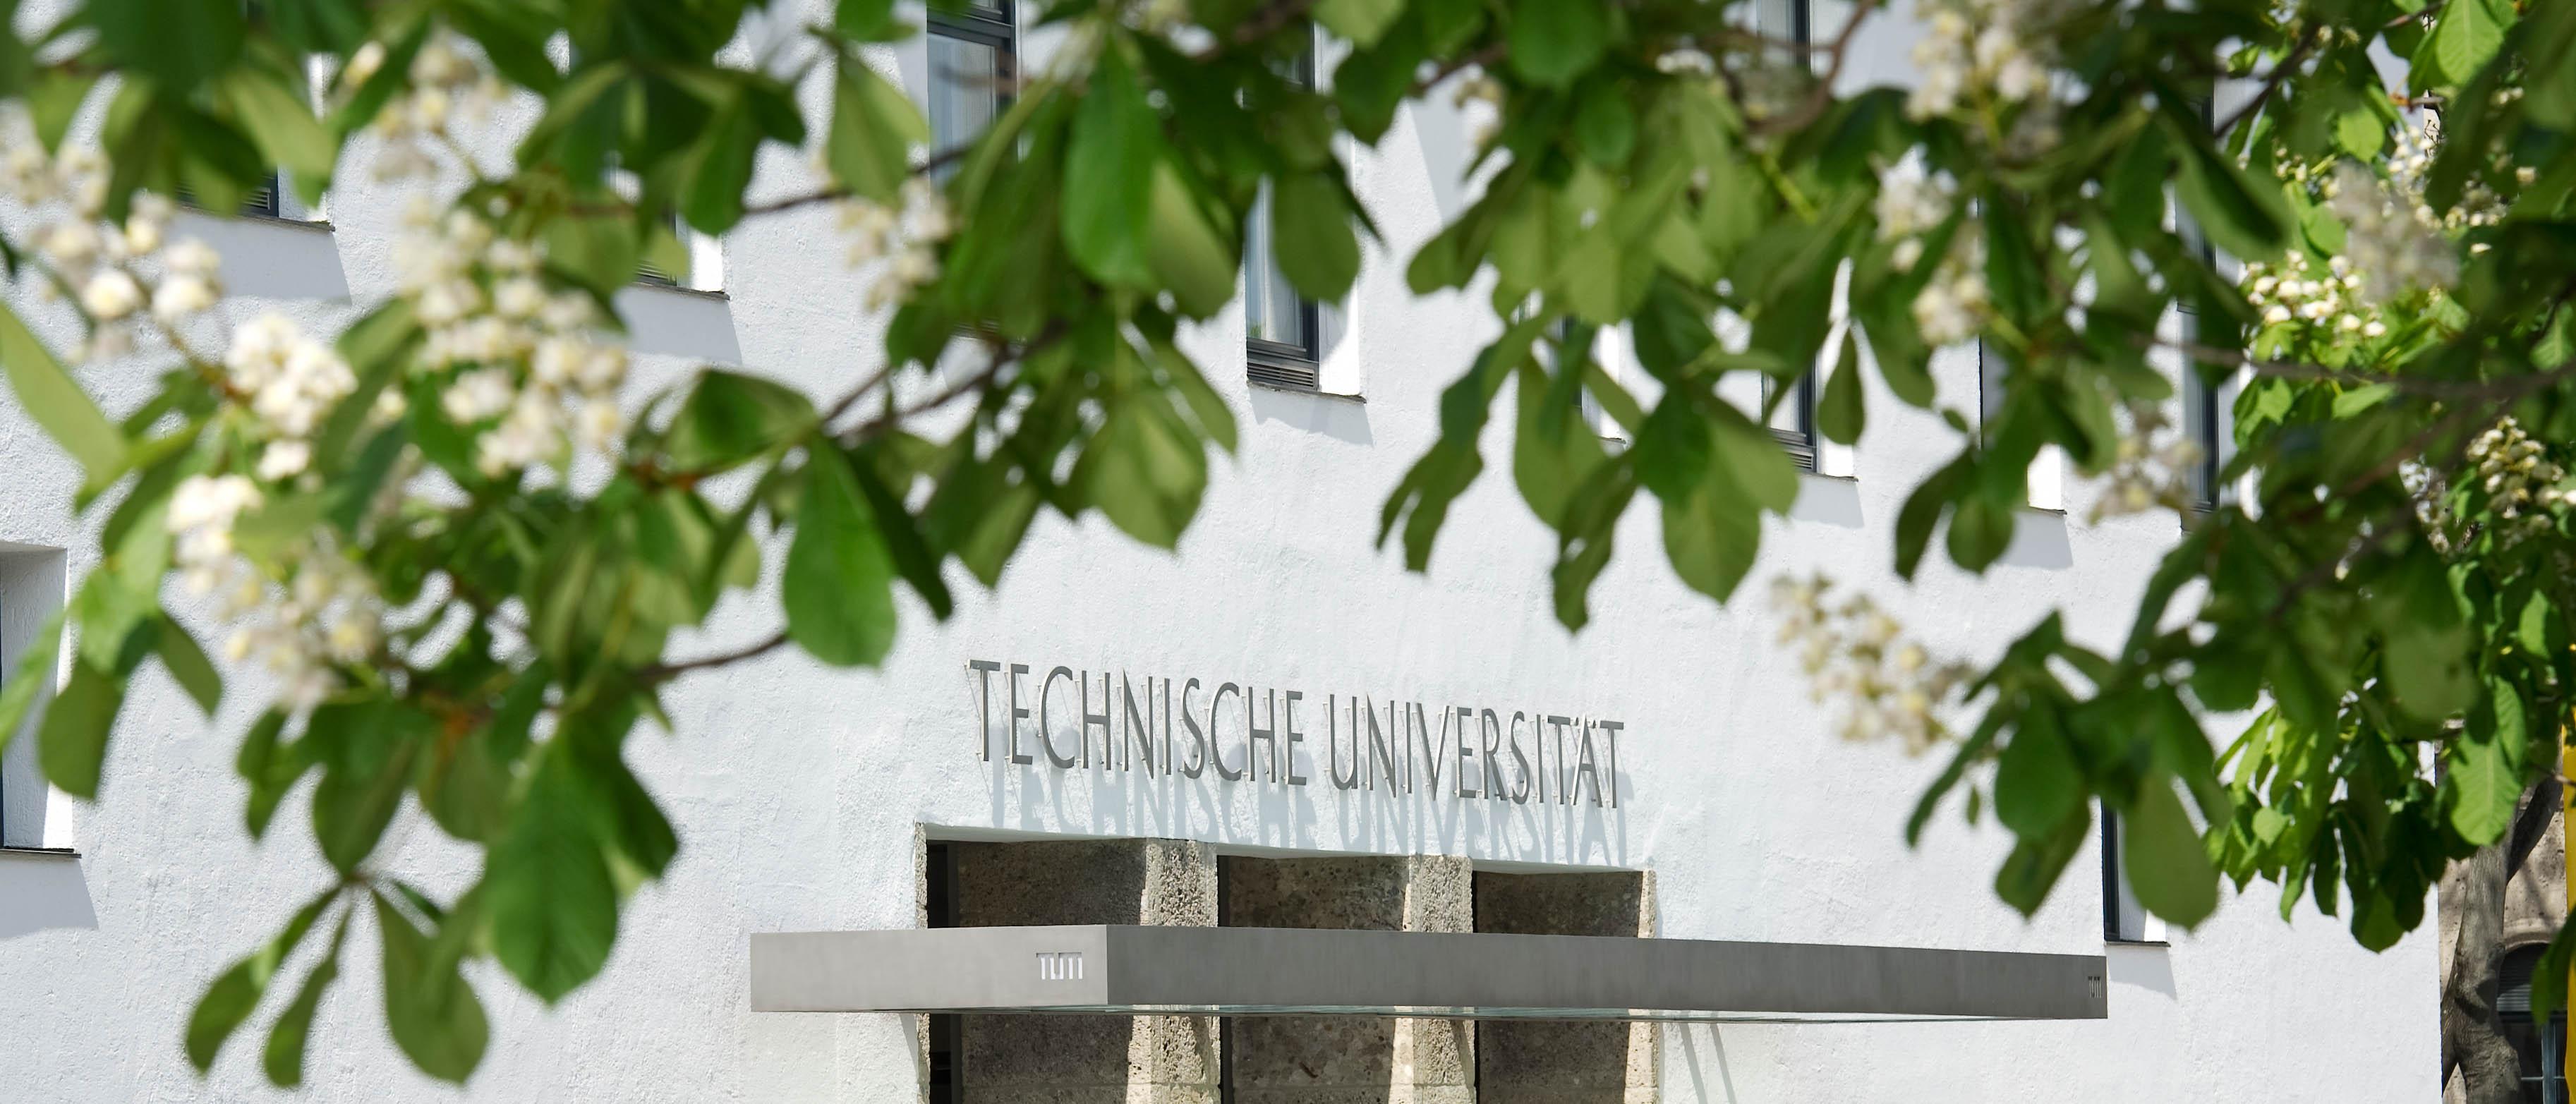 Hauptportal der Technischen Universitaet Muenchen